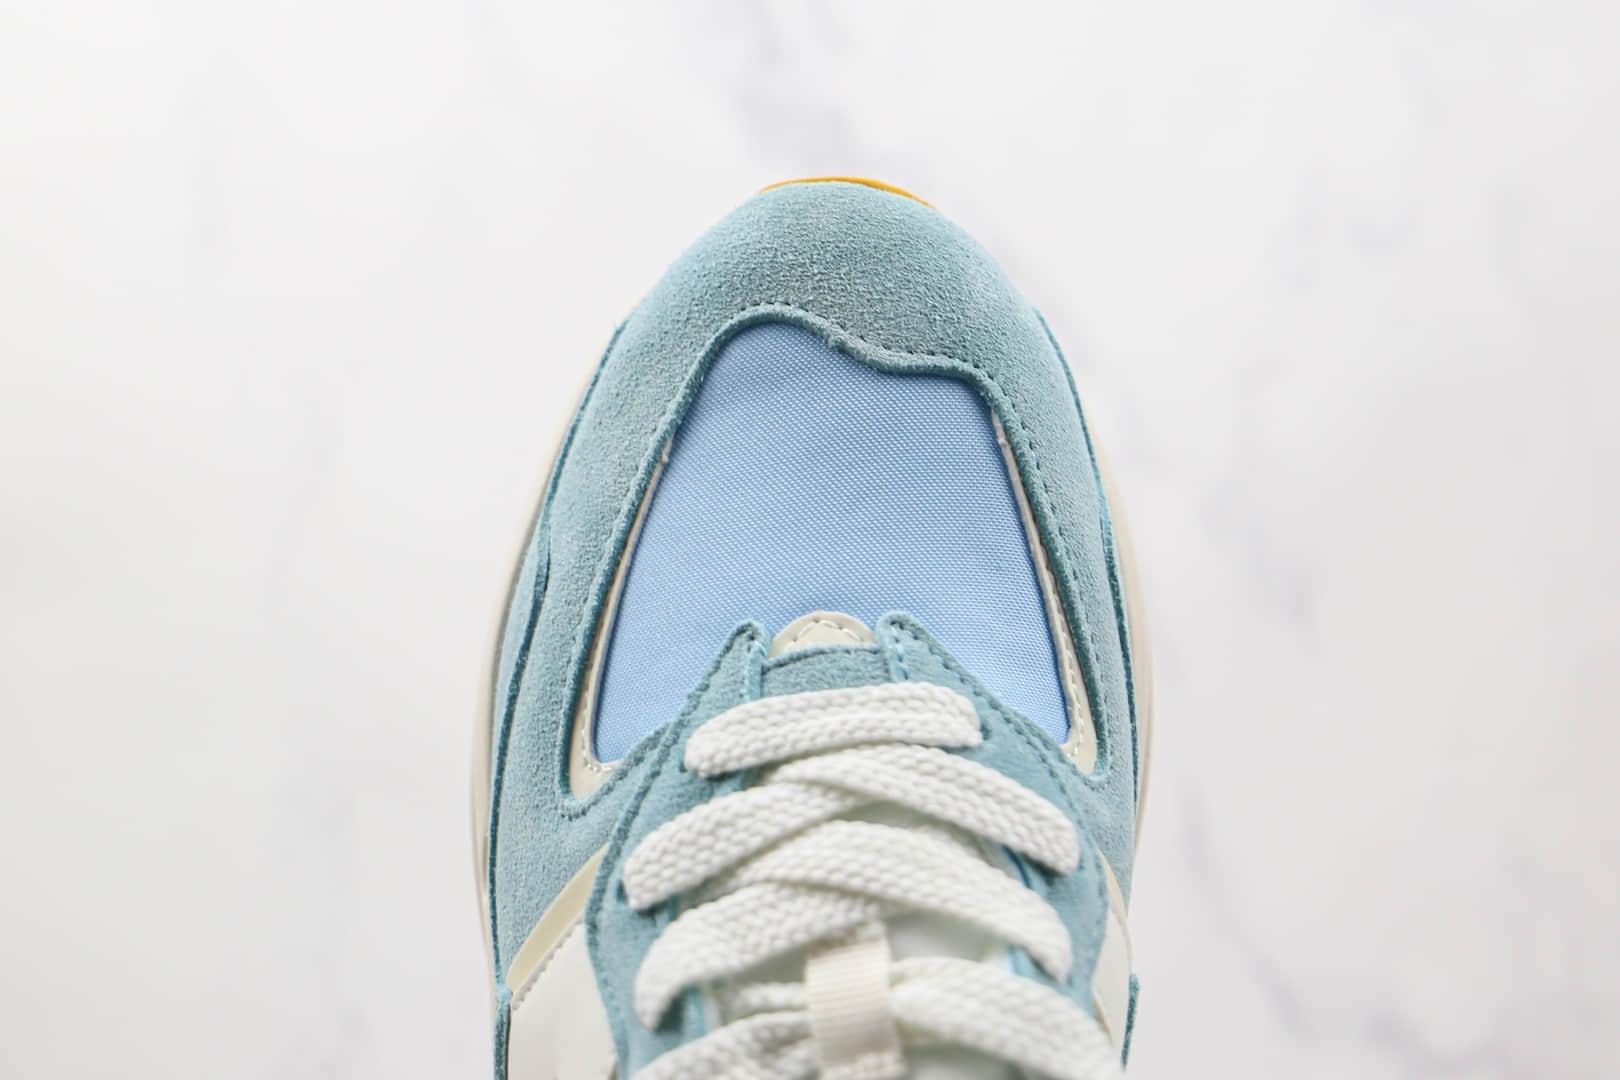 新百伦New Balance 5740纯原版本网面米蓝黄彩色拼接复古老爹鞋原鞋开模一比一打造 货号:W5740PG1